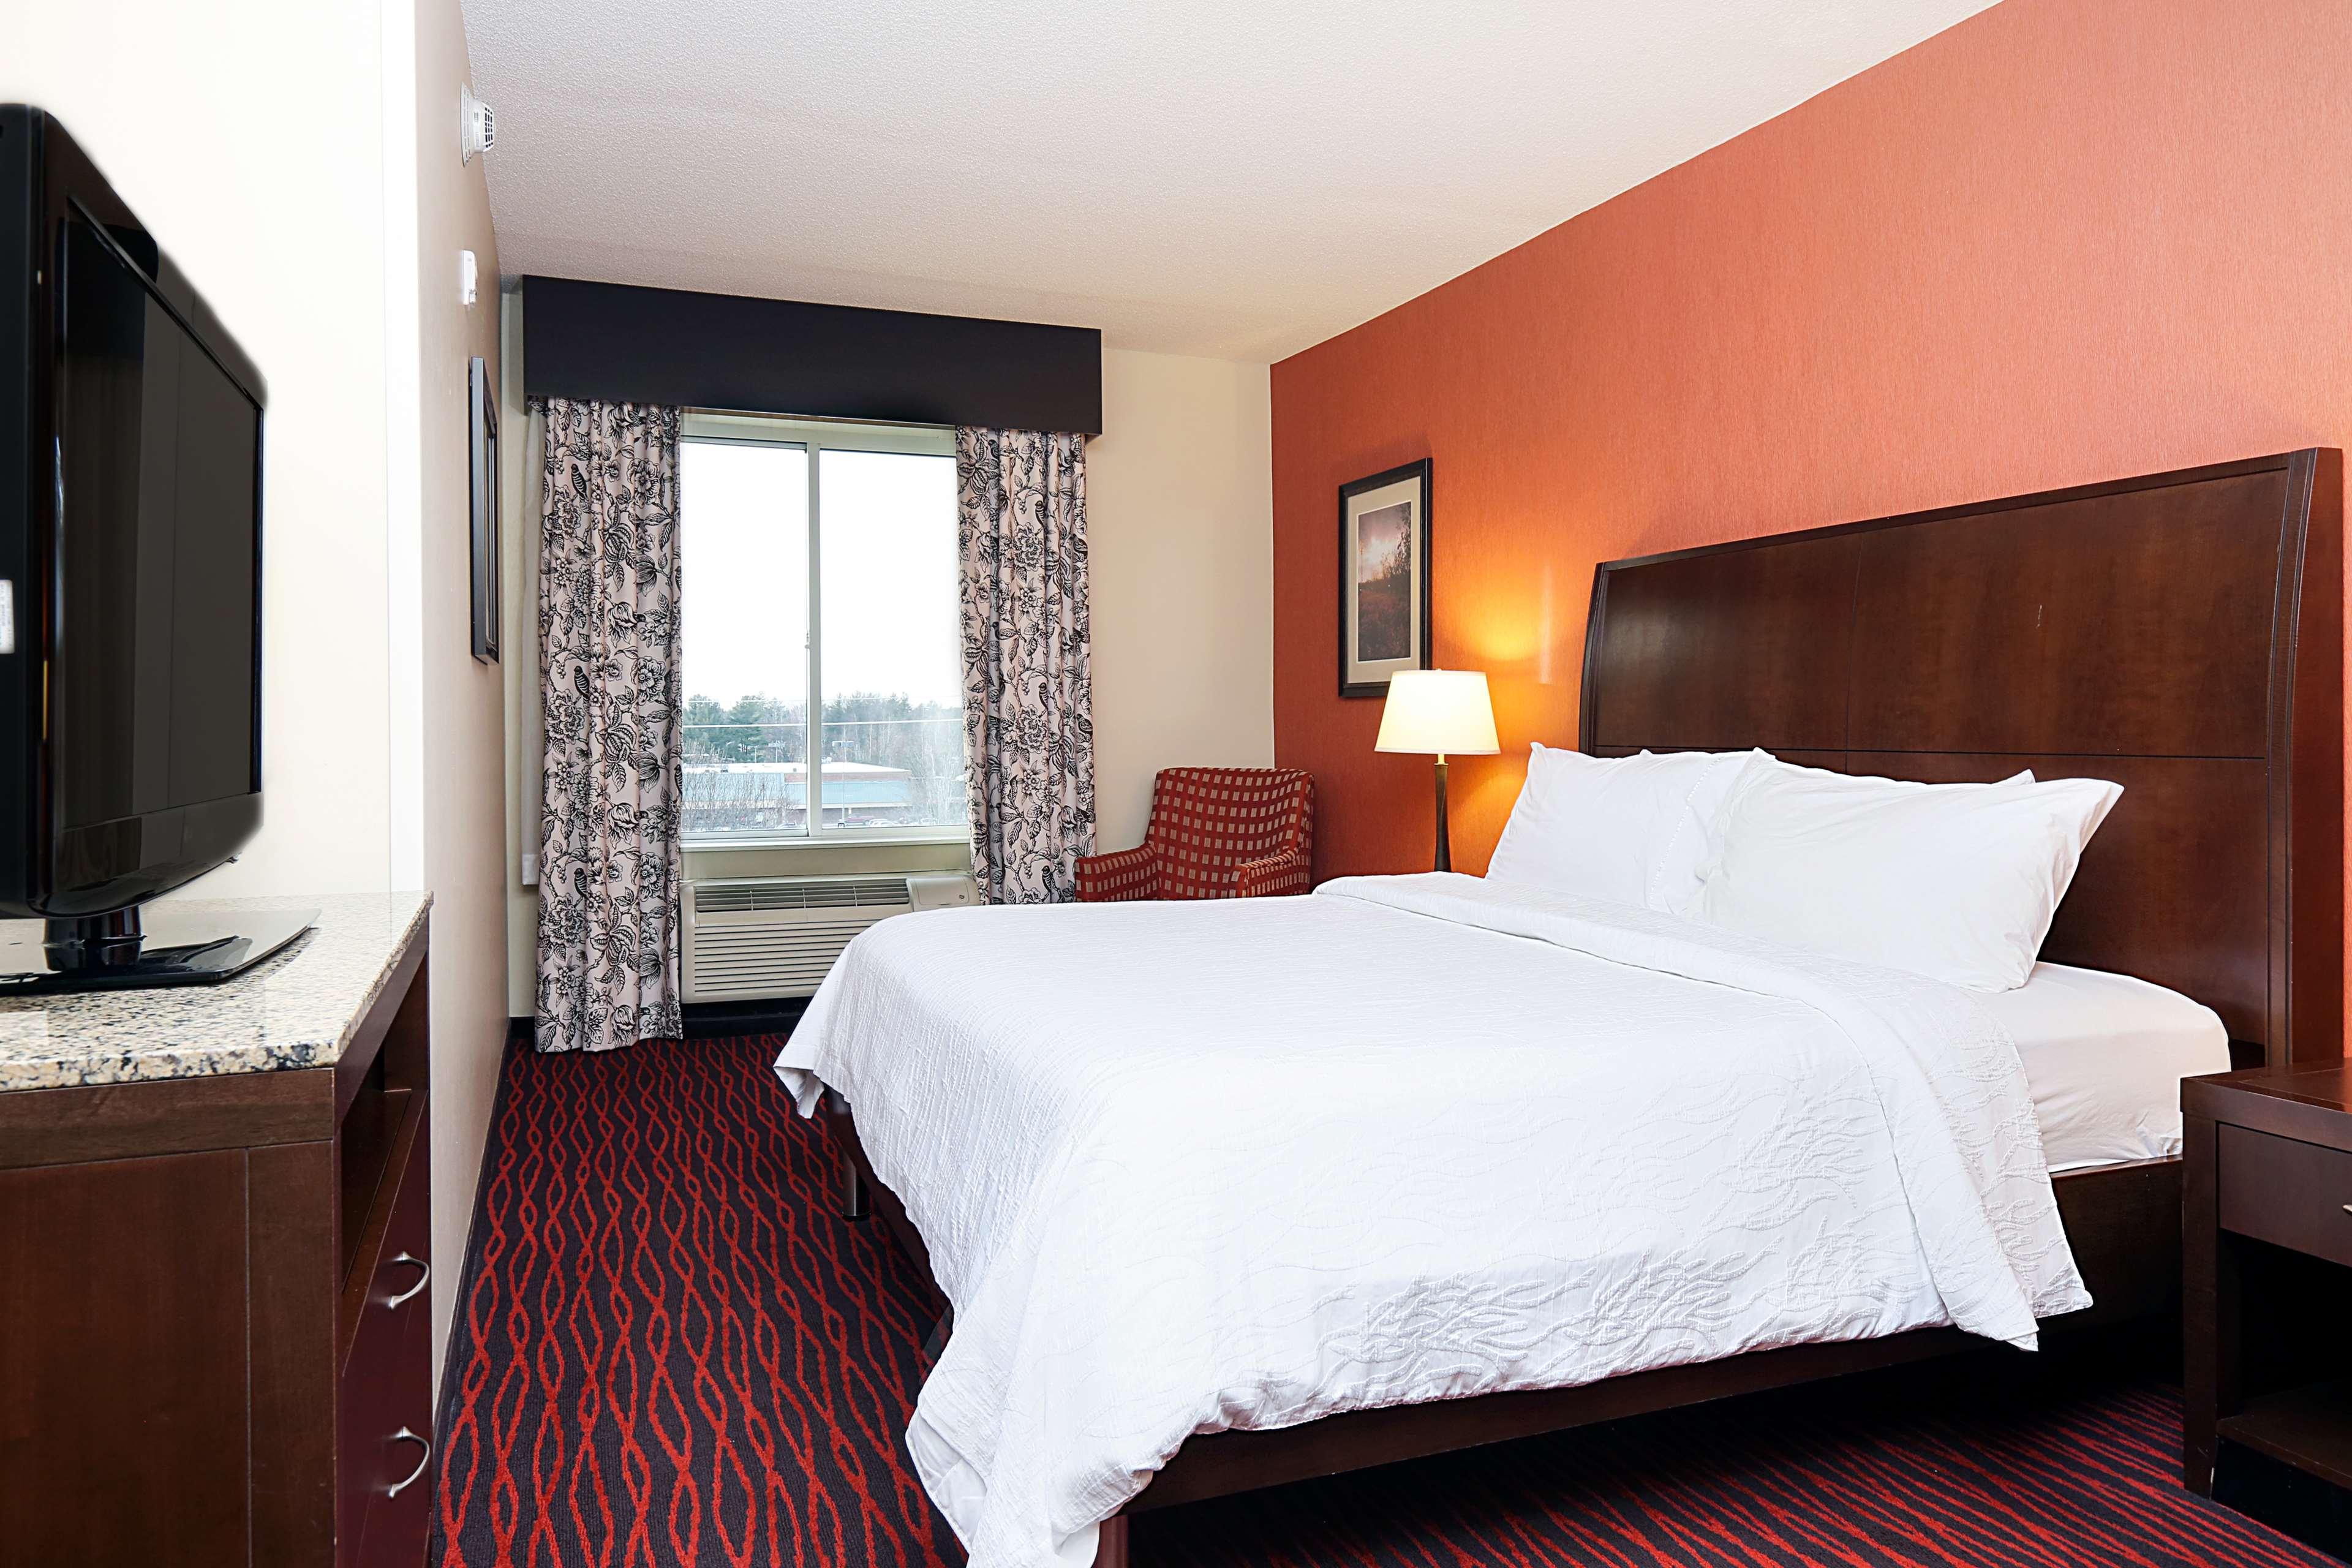 Hilton Garden Inn Clifton Park image 16